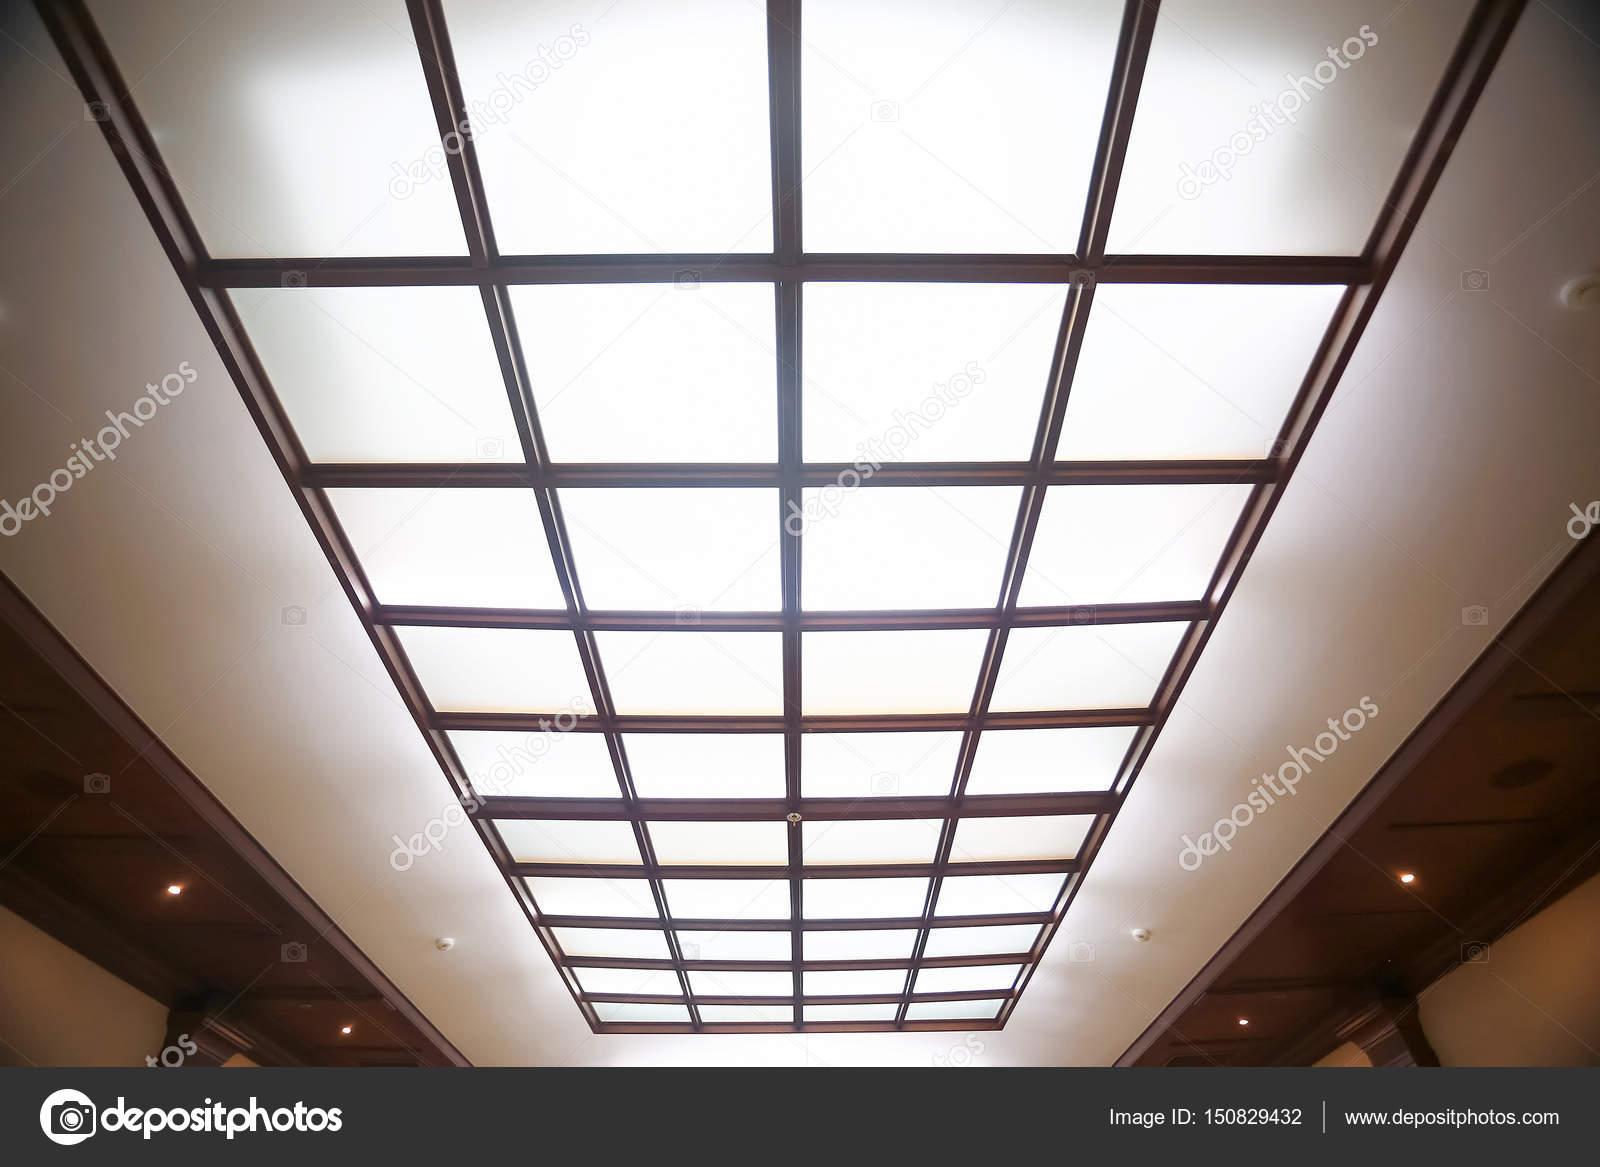 Leuchtende Decke leuchtende decke mit glas stockfoto xload 150829432